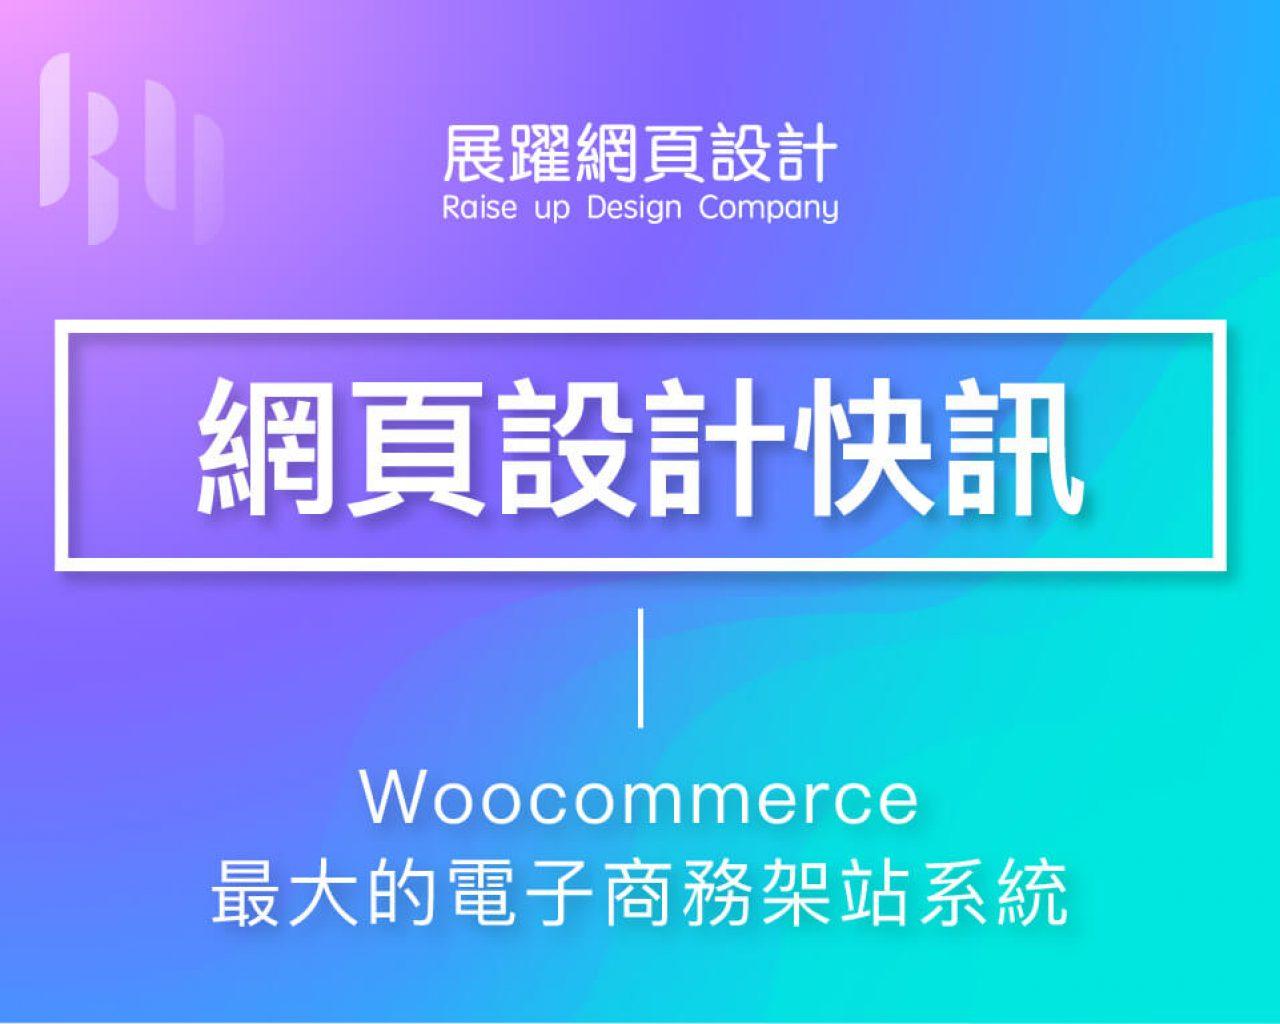 woocommerce-04